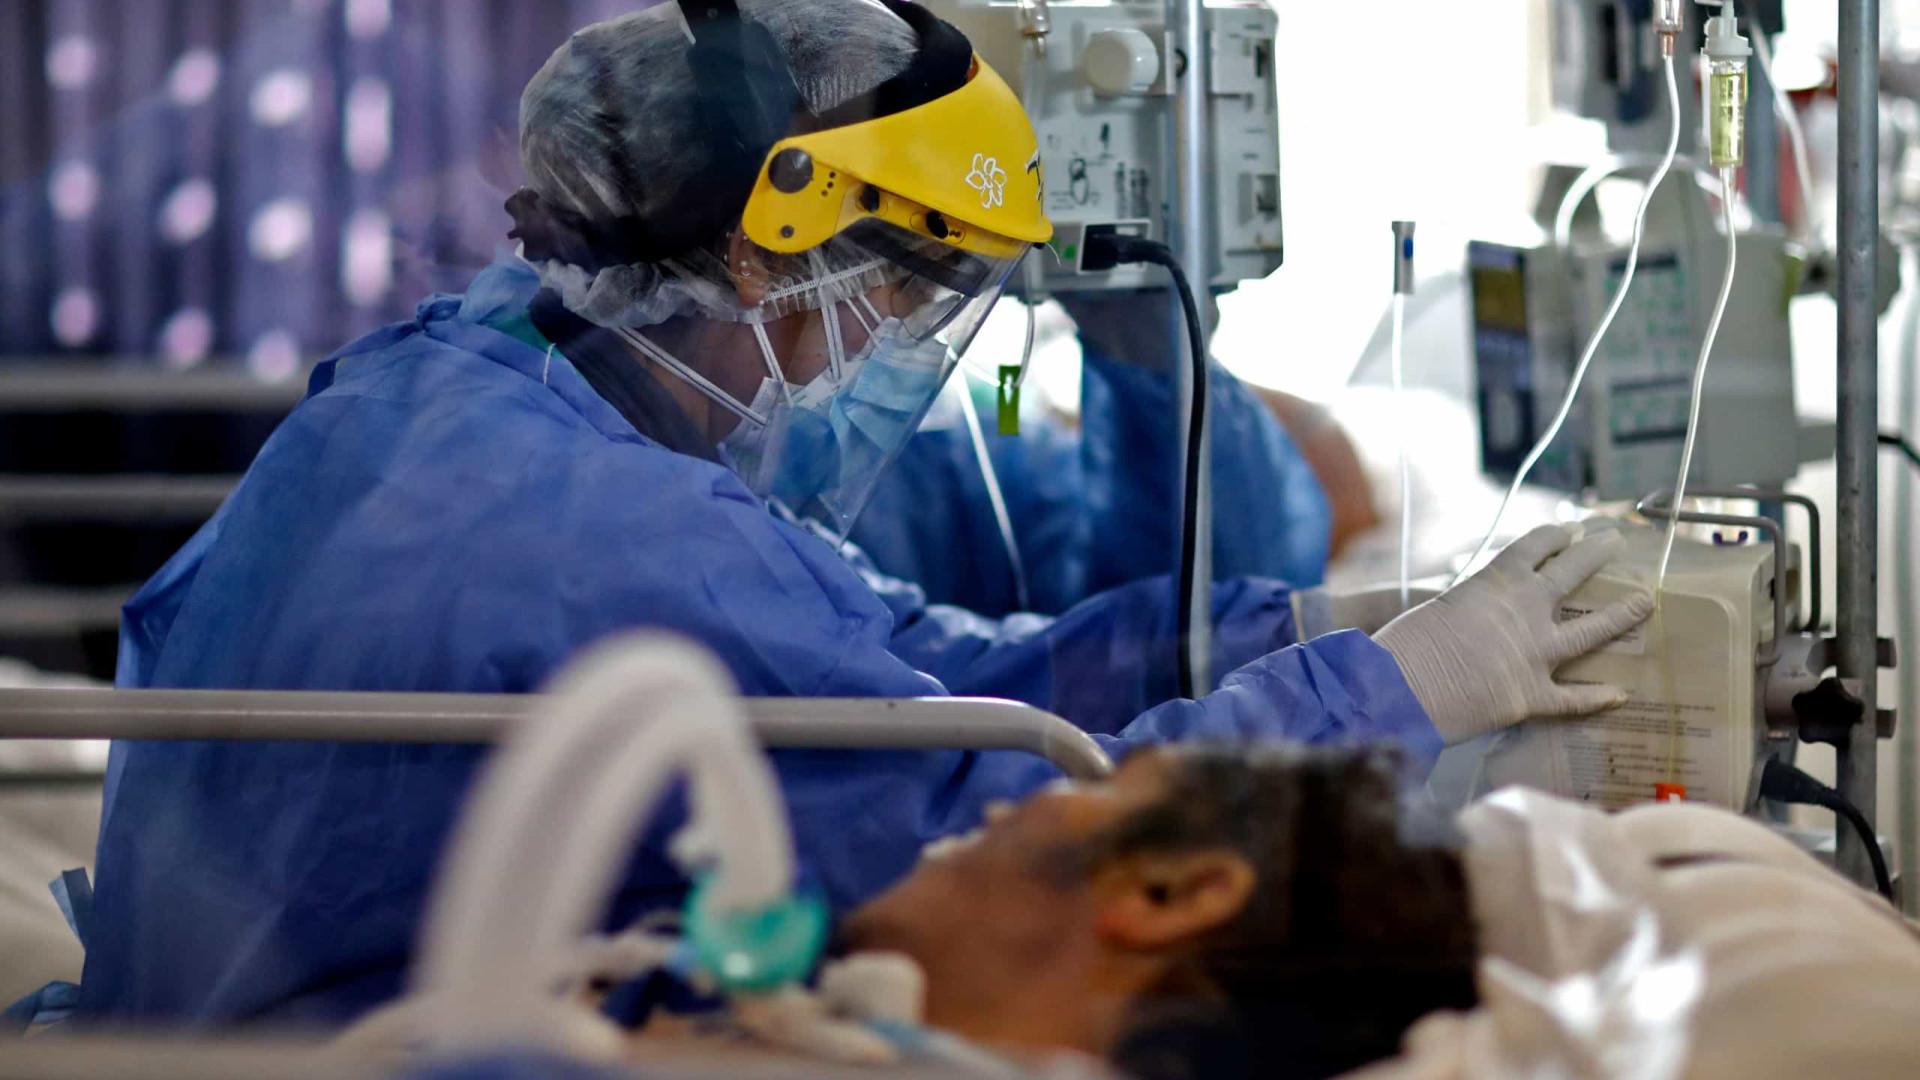 Brasil registra 20,5 milhões de casos de covid e 574,5 mil mortes